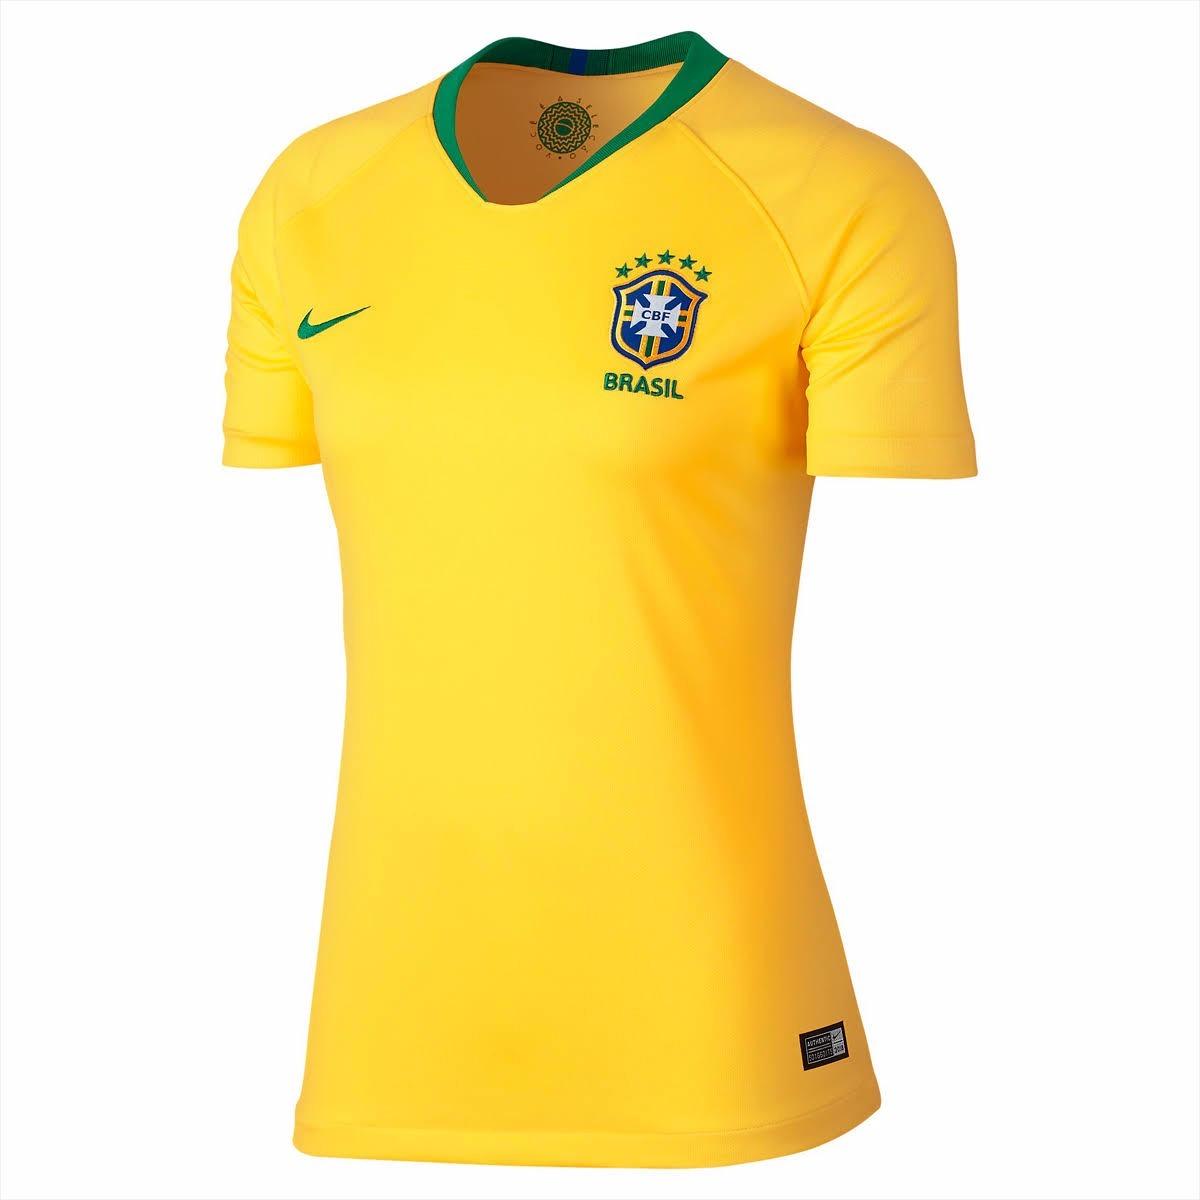 camisa da se eção brasi eira nike origina sa dão 2b0a1db83ae7ed ... 6ce87b13a551b